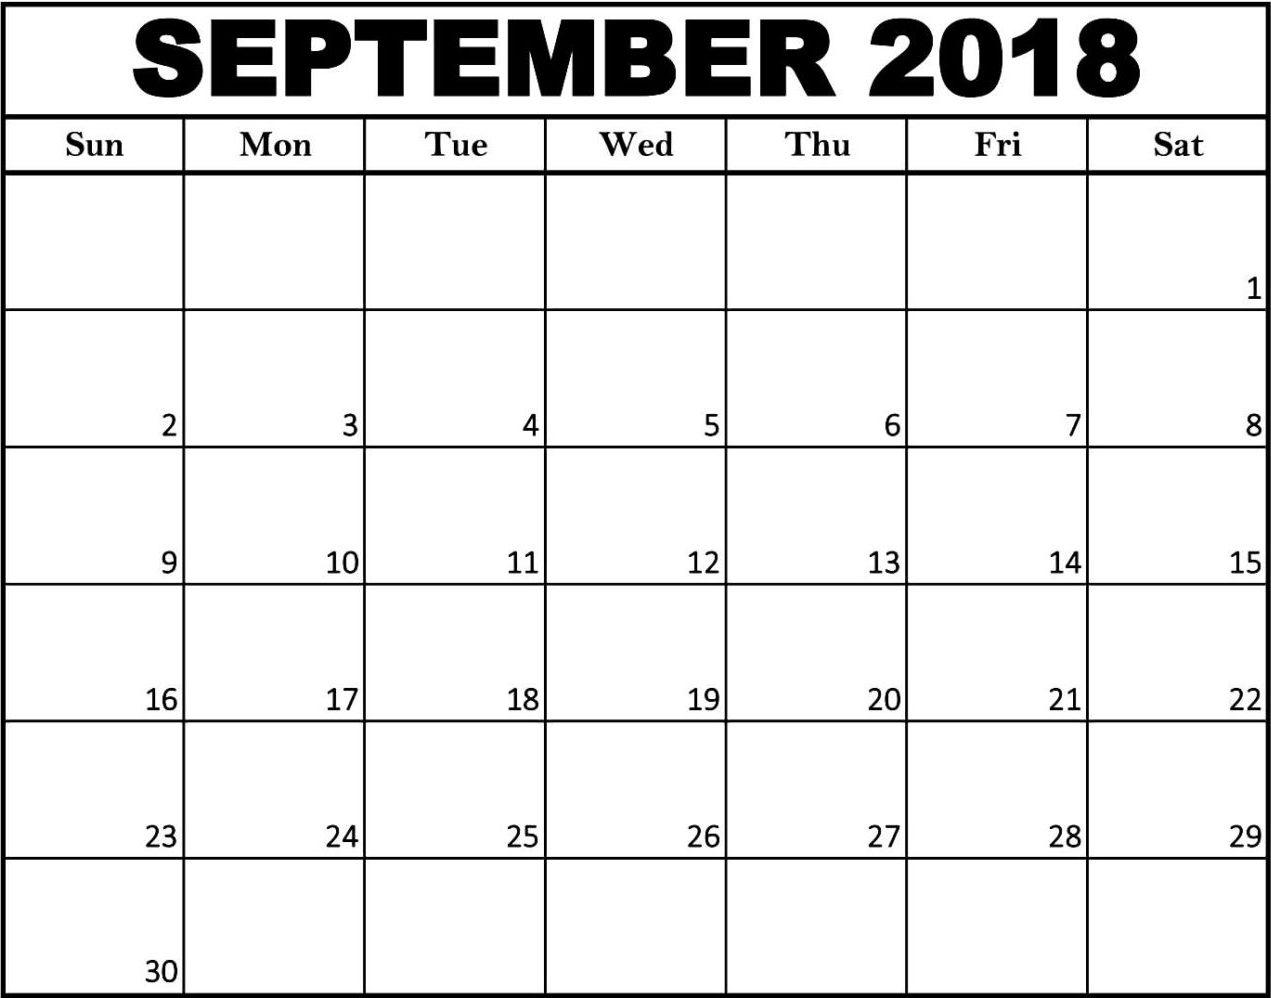 September Calendar 2018 Template in September Calendar Printable Template Blank